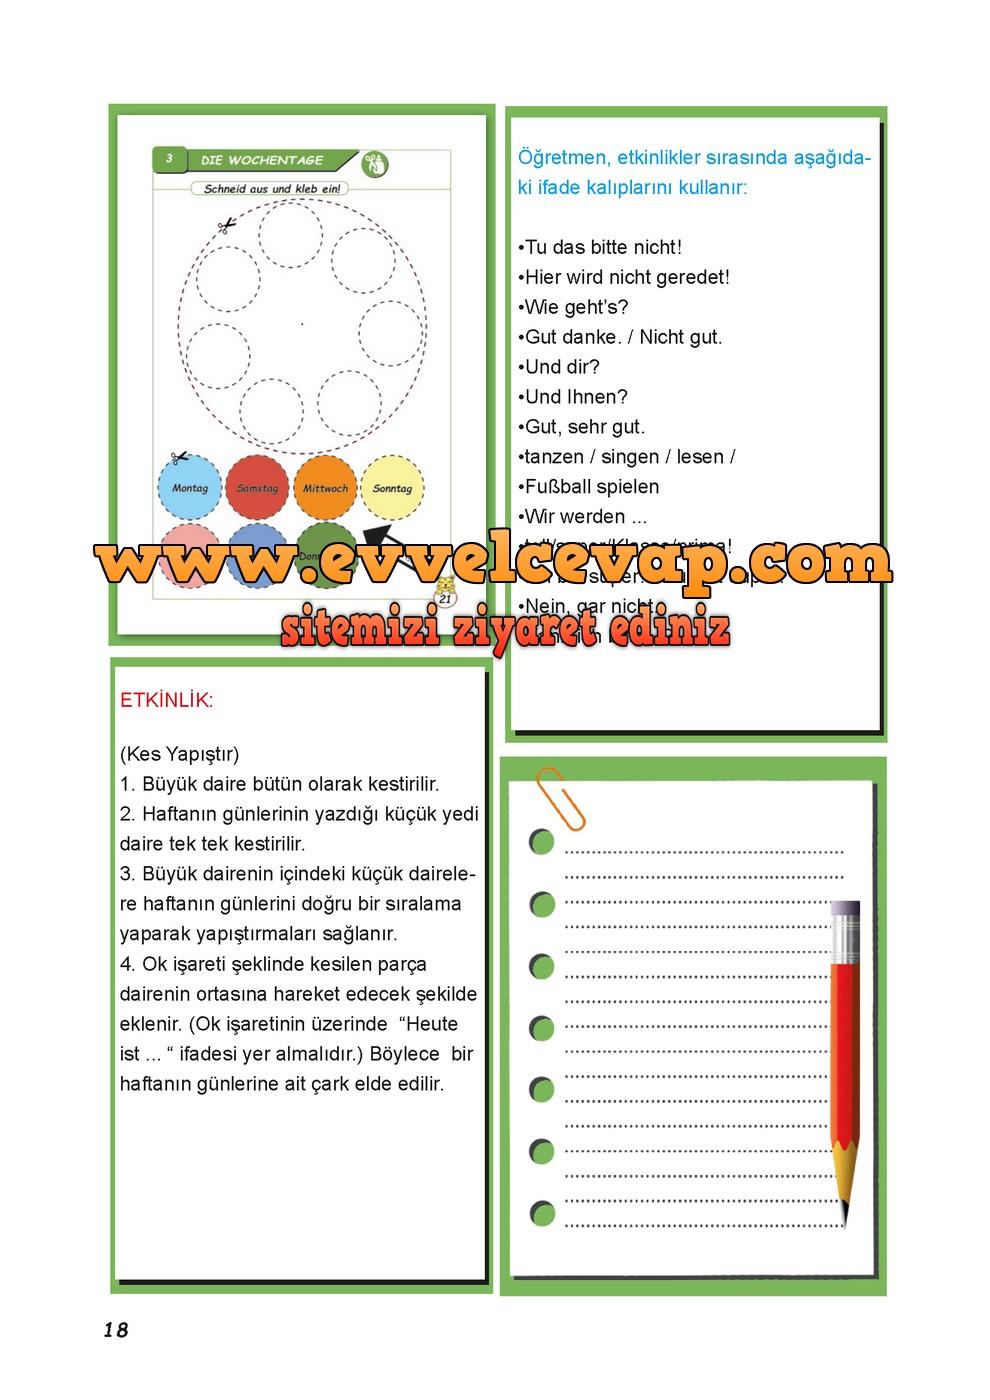 2 Sinif Almanca A1 Calisma Kitabi Sayfa 21 Cevaplari Meb